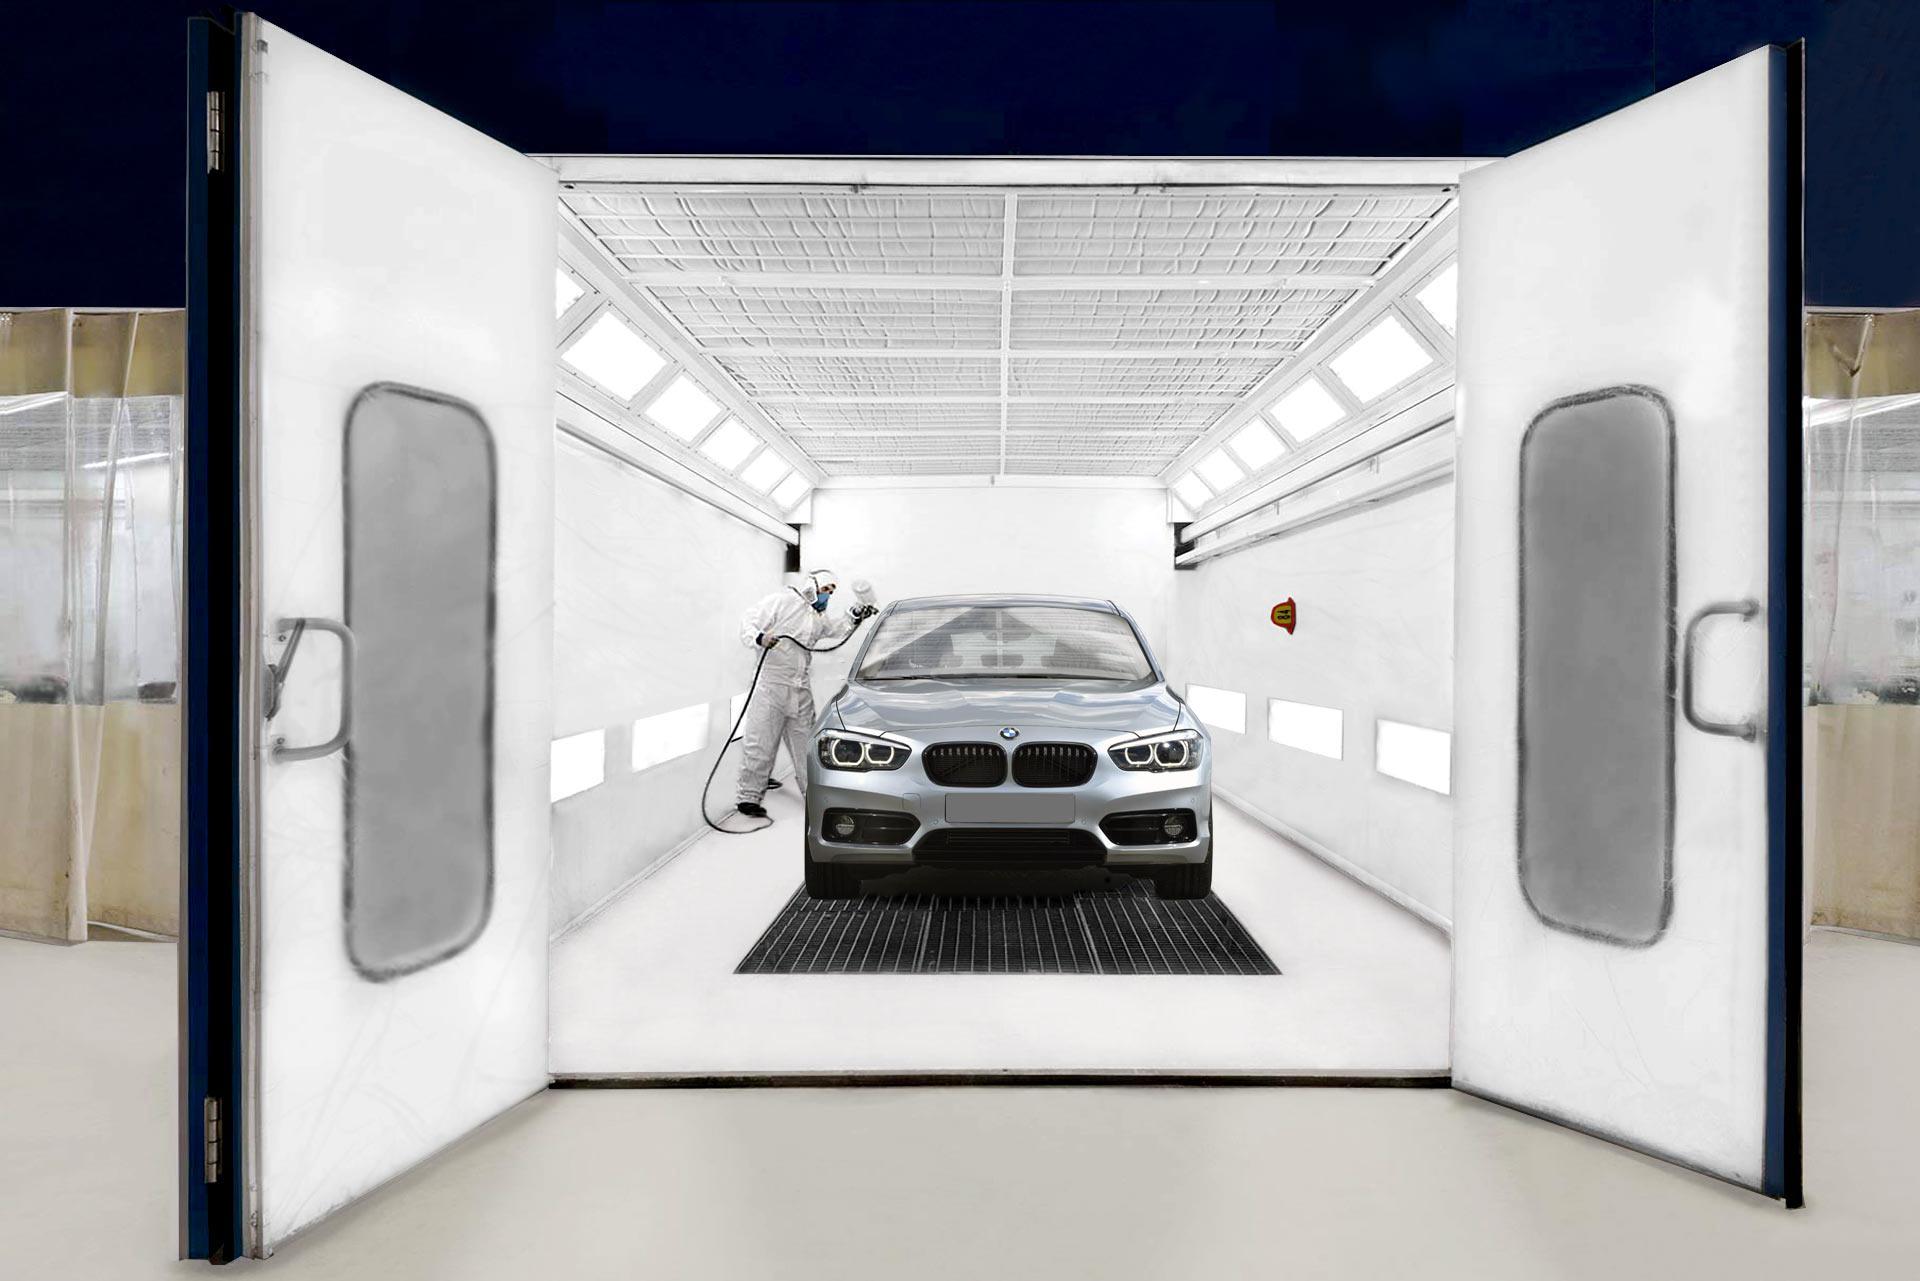 Cabina de pintura de vehículos